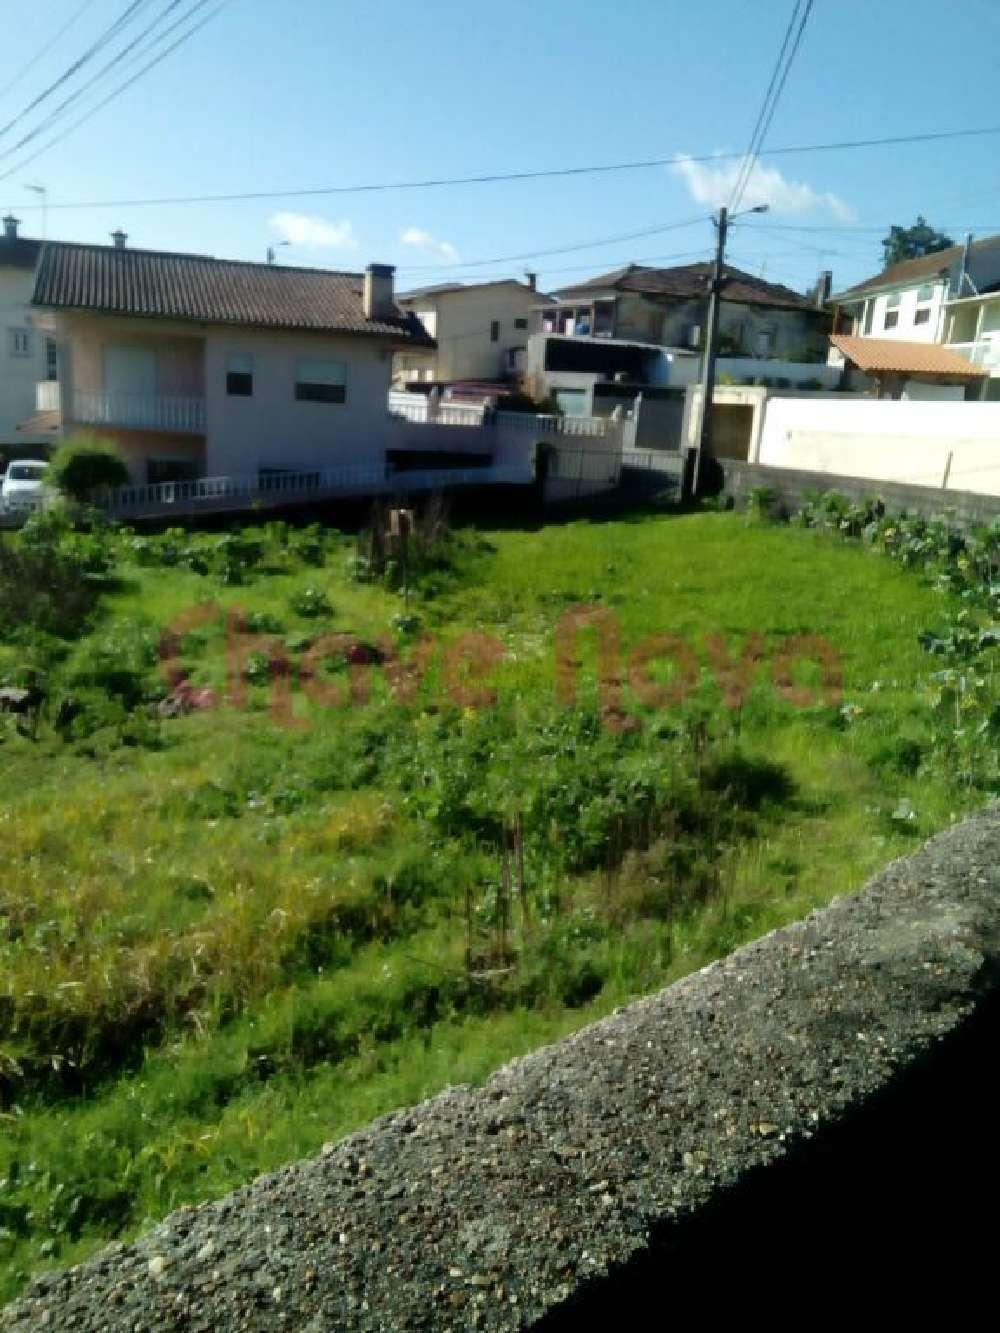 Baganha Oliveira De Azeméis terrain picture 138995